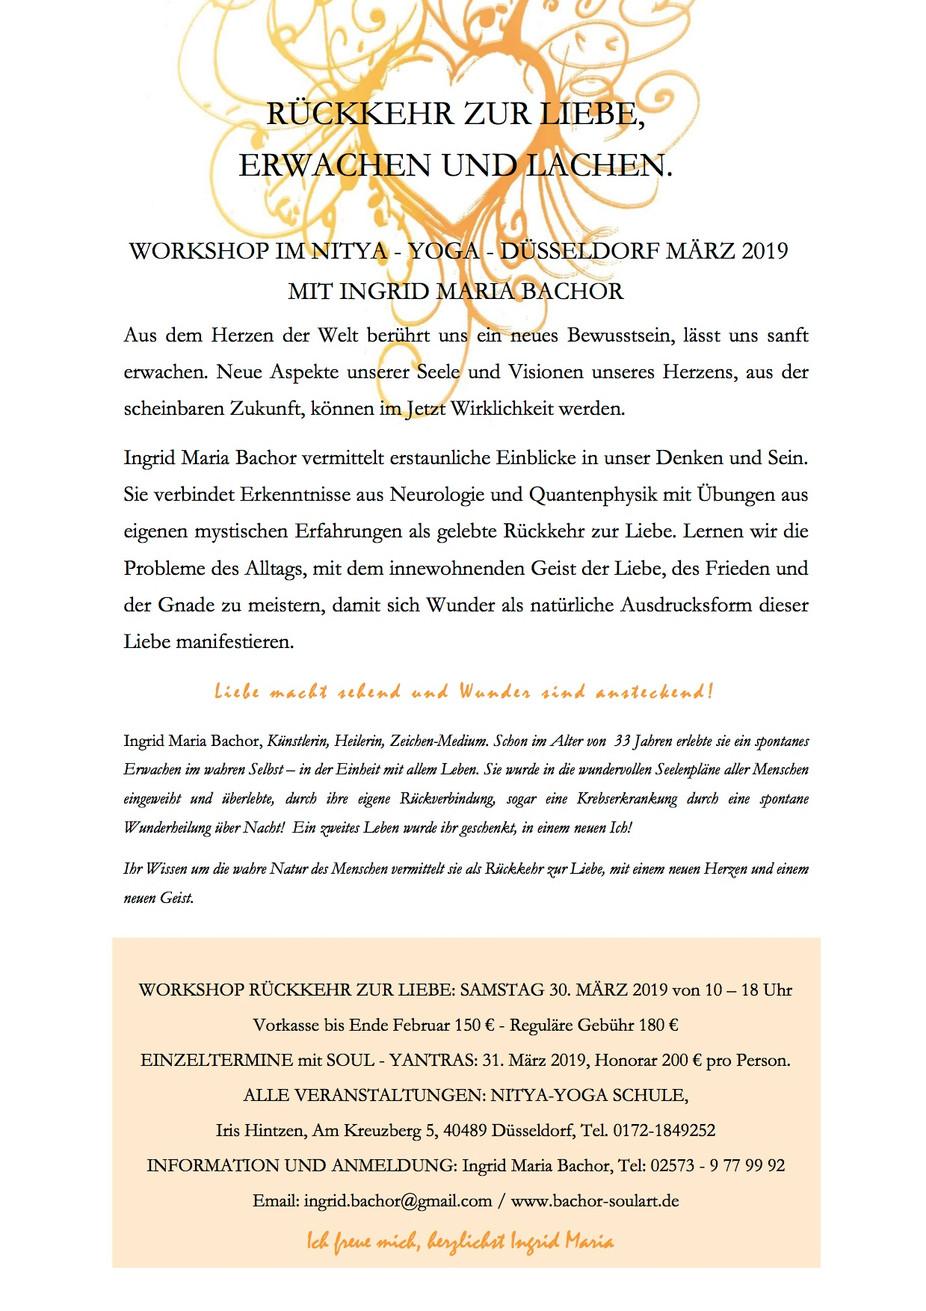 """""""Rückkehr zur Liebe"""" ein wundervoller Tagesworkshop mit Ingrid Maria Bachor 💛💛💛 bitte r"""